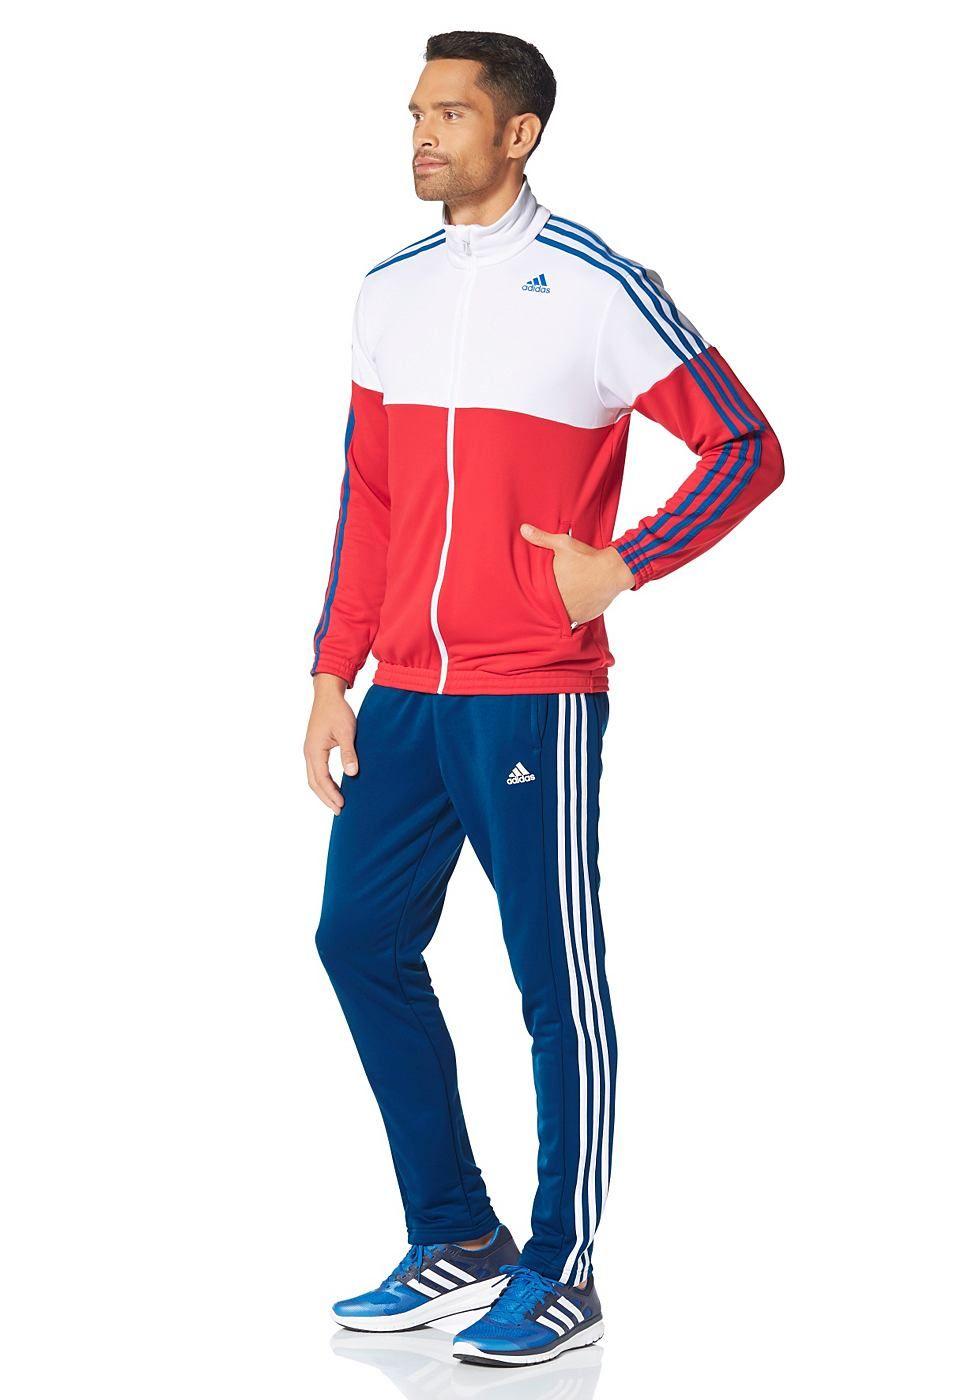 Produkttyp Trainingsanzug Pflegehinweise Maschinenwasche Materialzusammensetzung Obermaterial 100 P Sport Outfits Mens Outfits Mens Clothing Styles